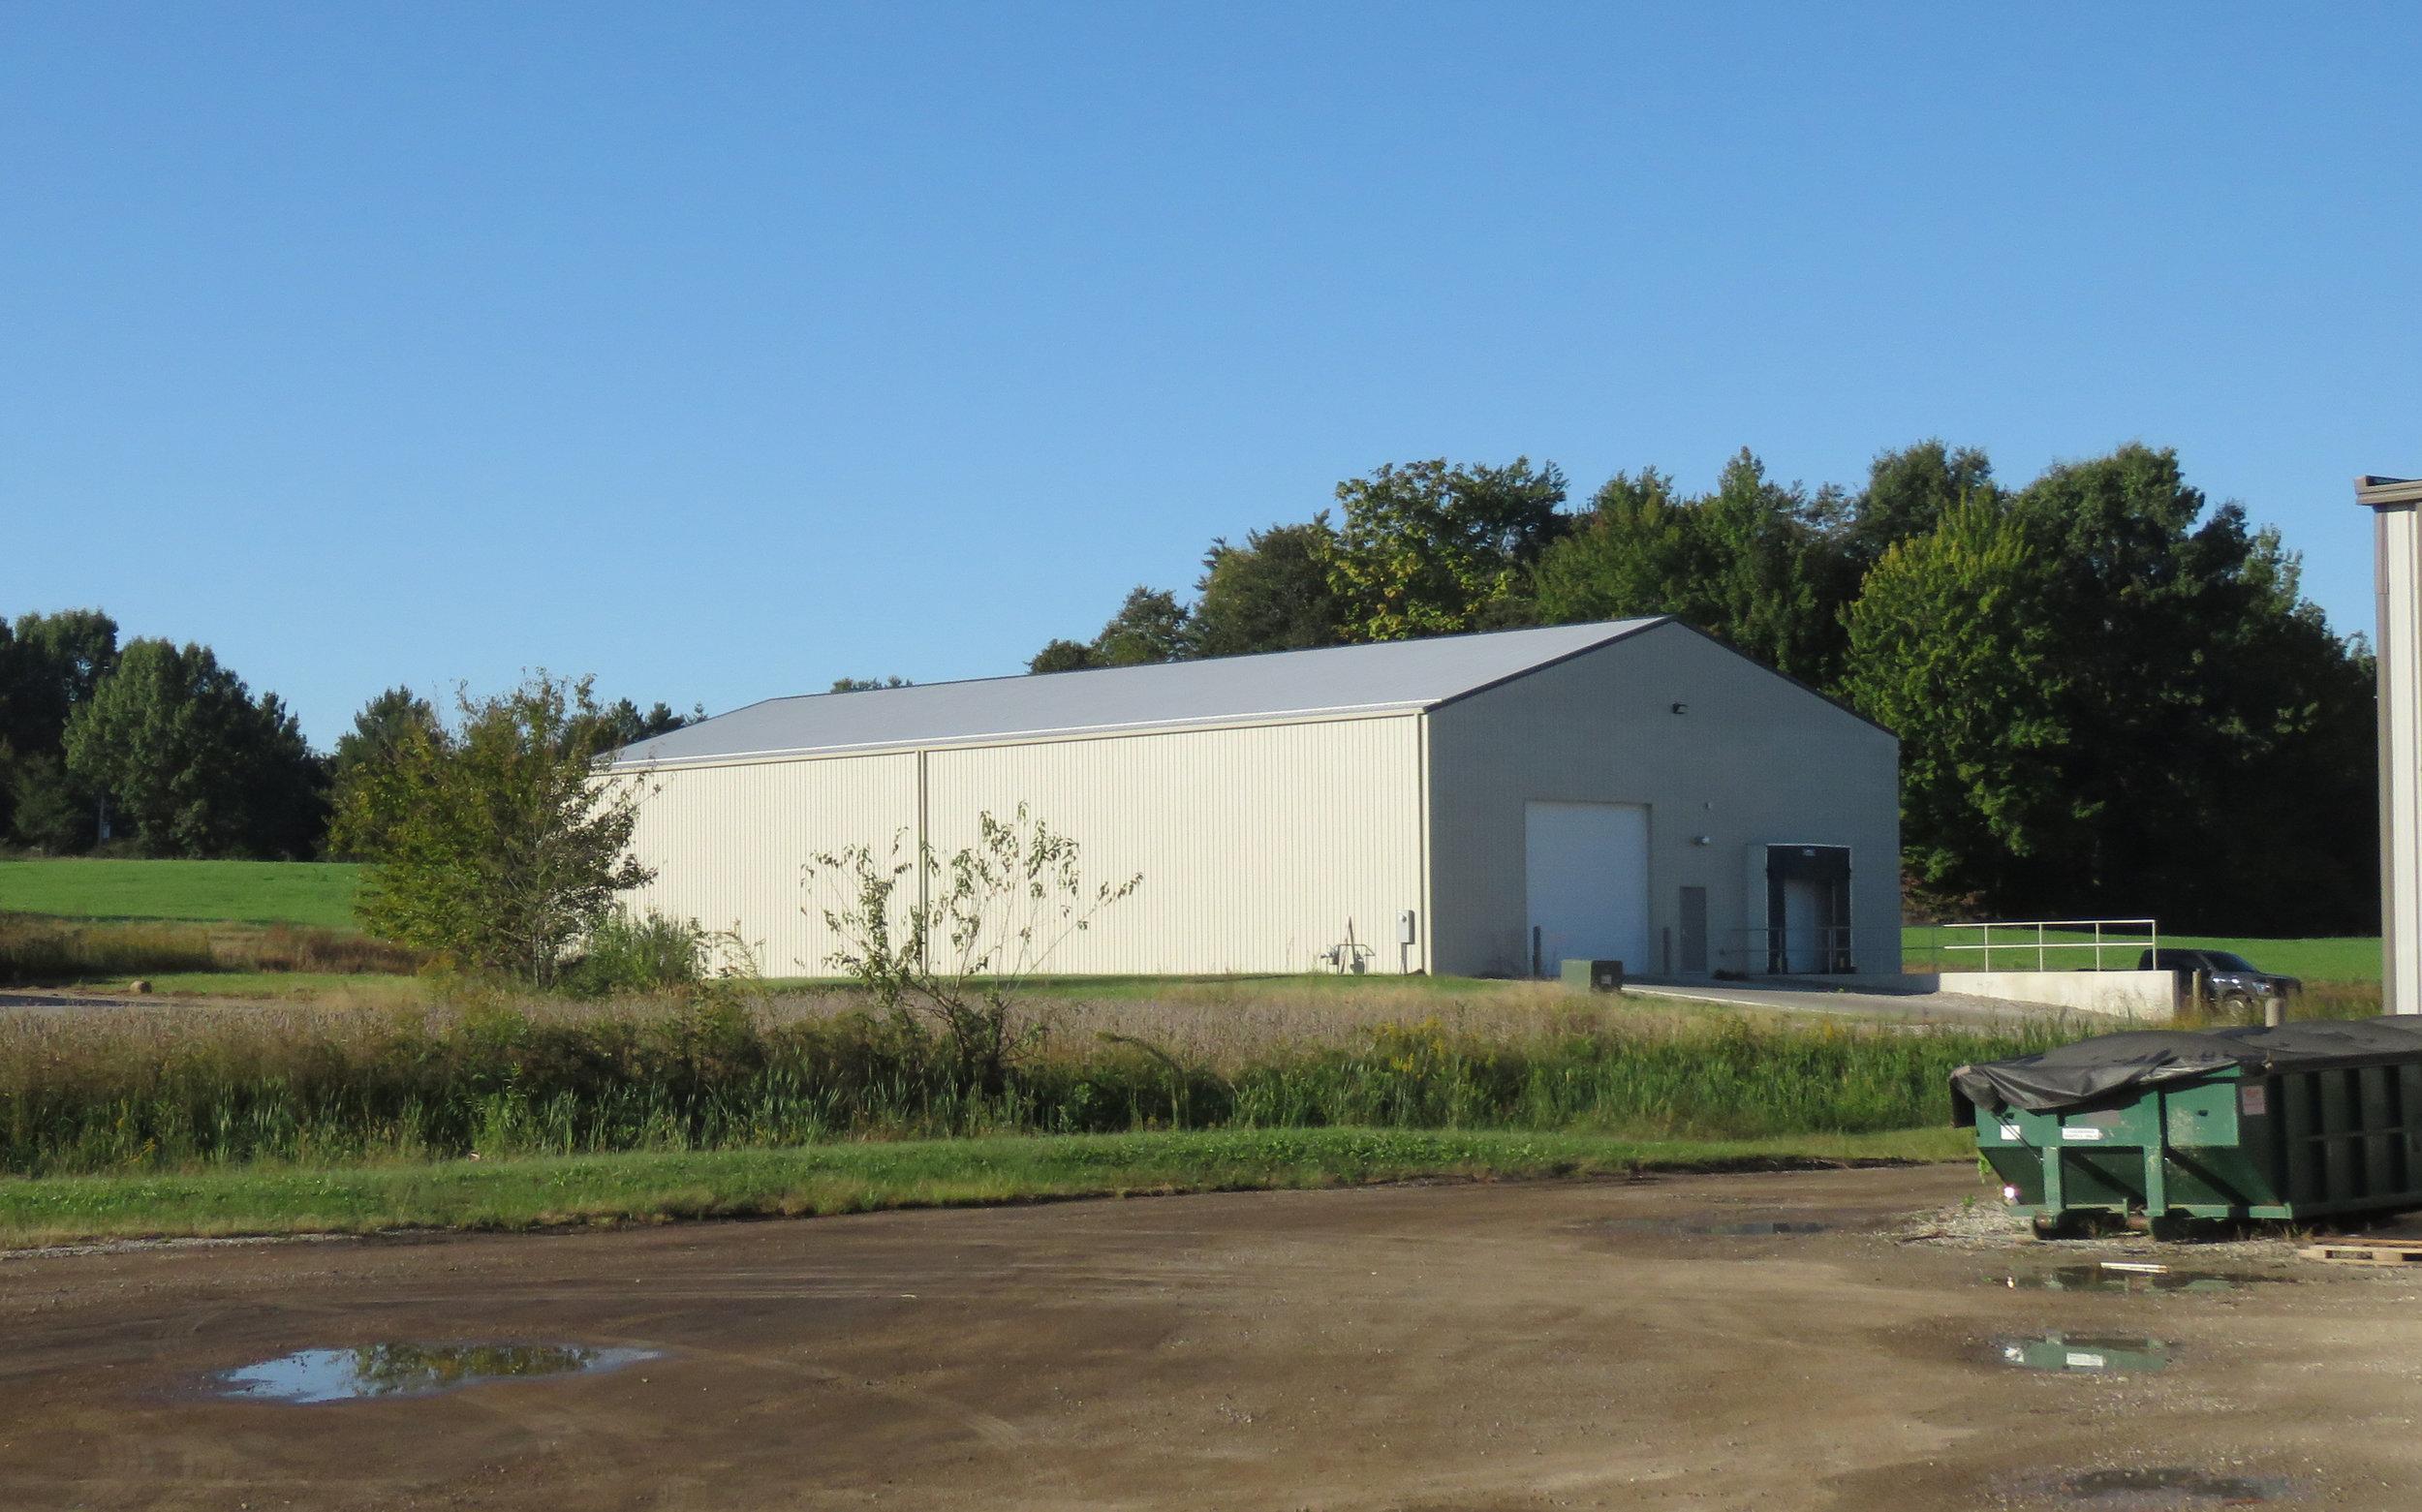 warehouse, 2016 copy.jpg